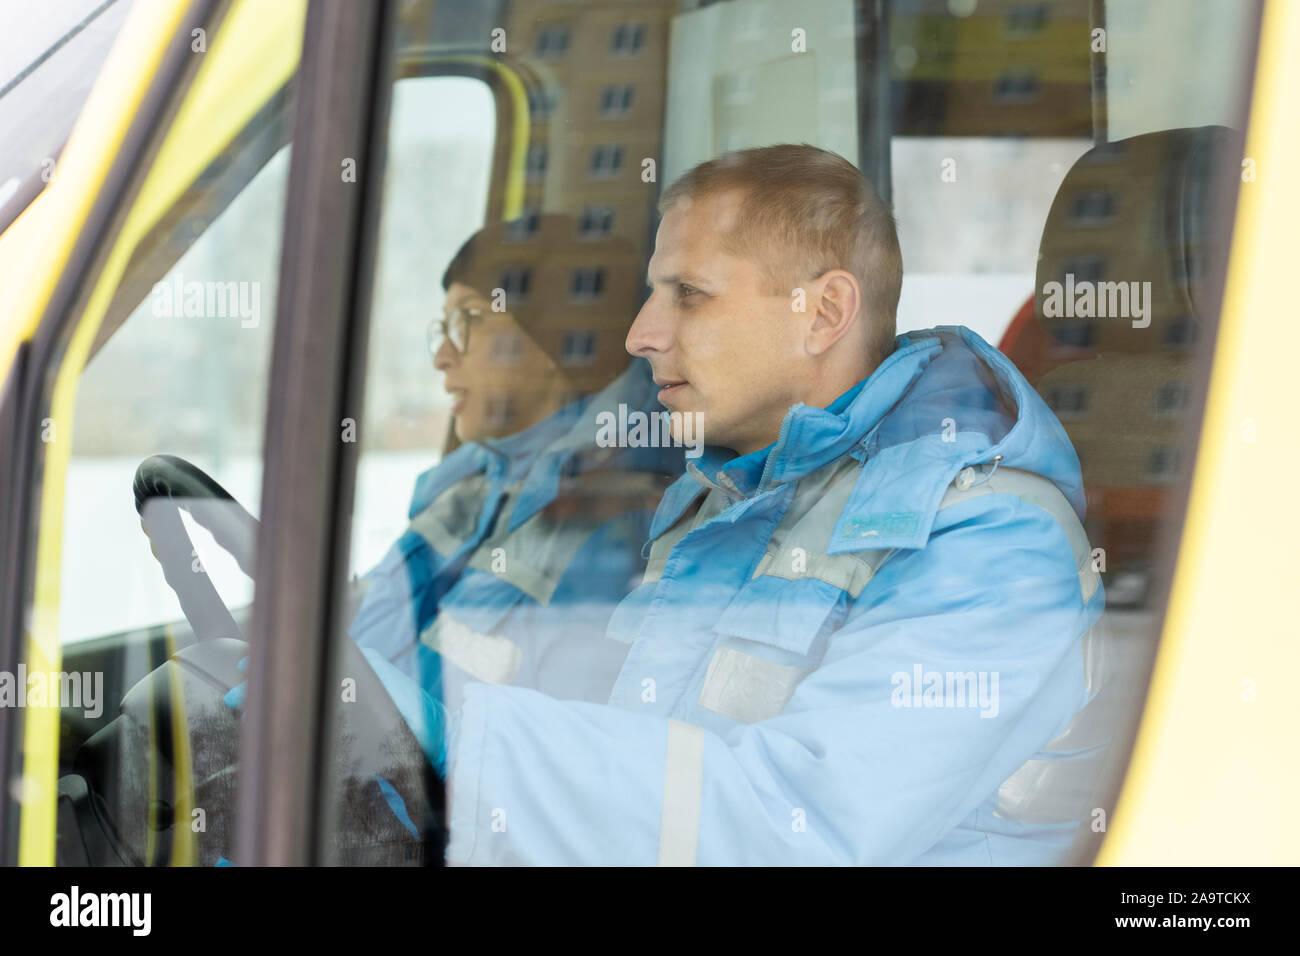 Jeune conducteur de voiture ambulance tout en se dépêchant de direction pour sauver personne malade Banque D'Images